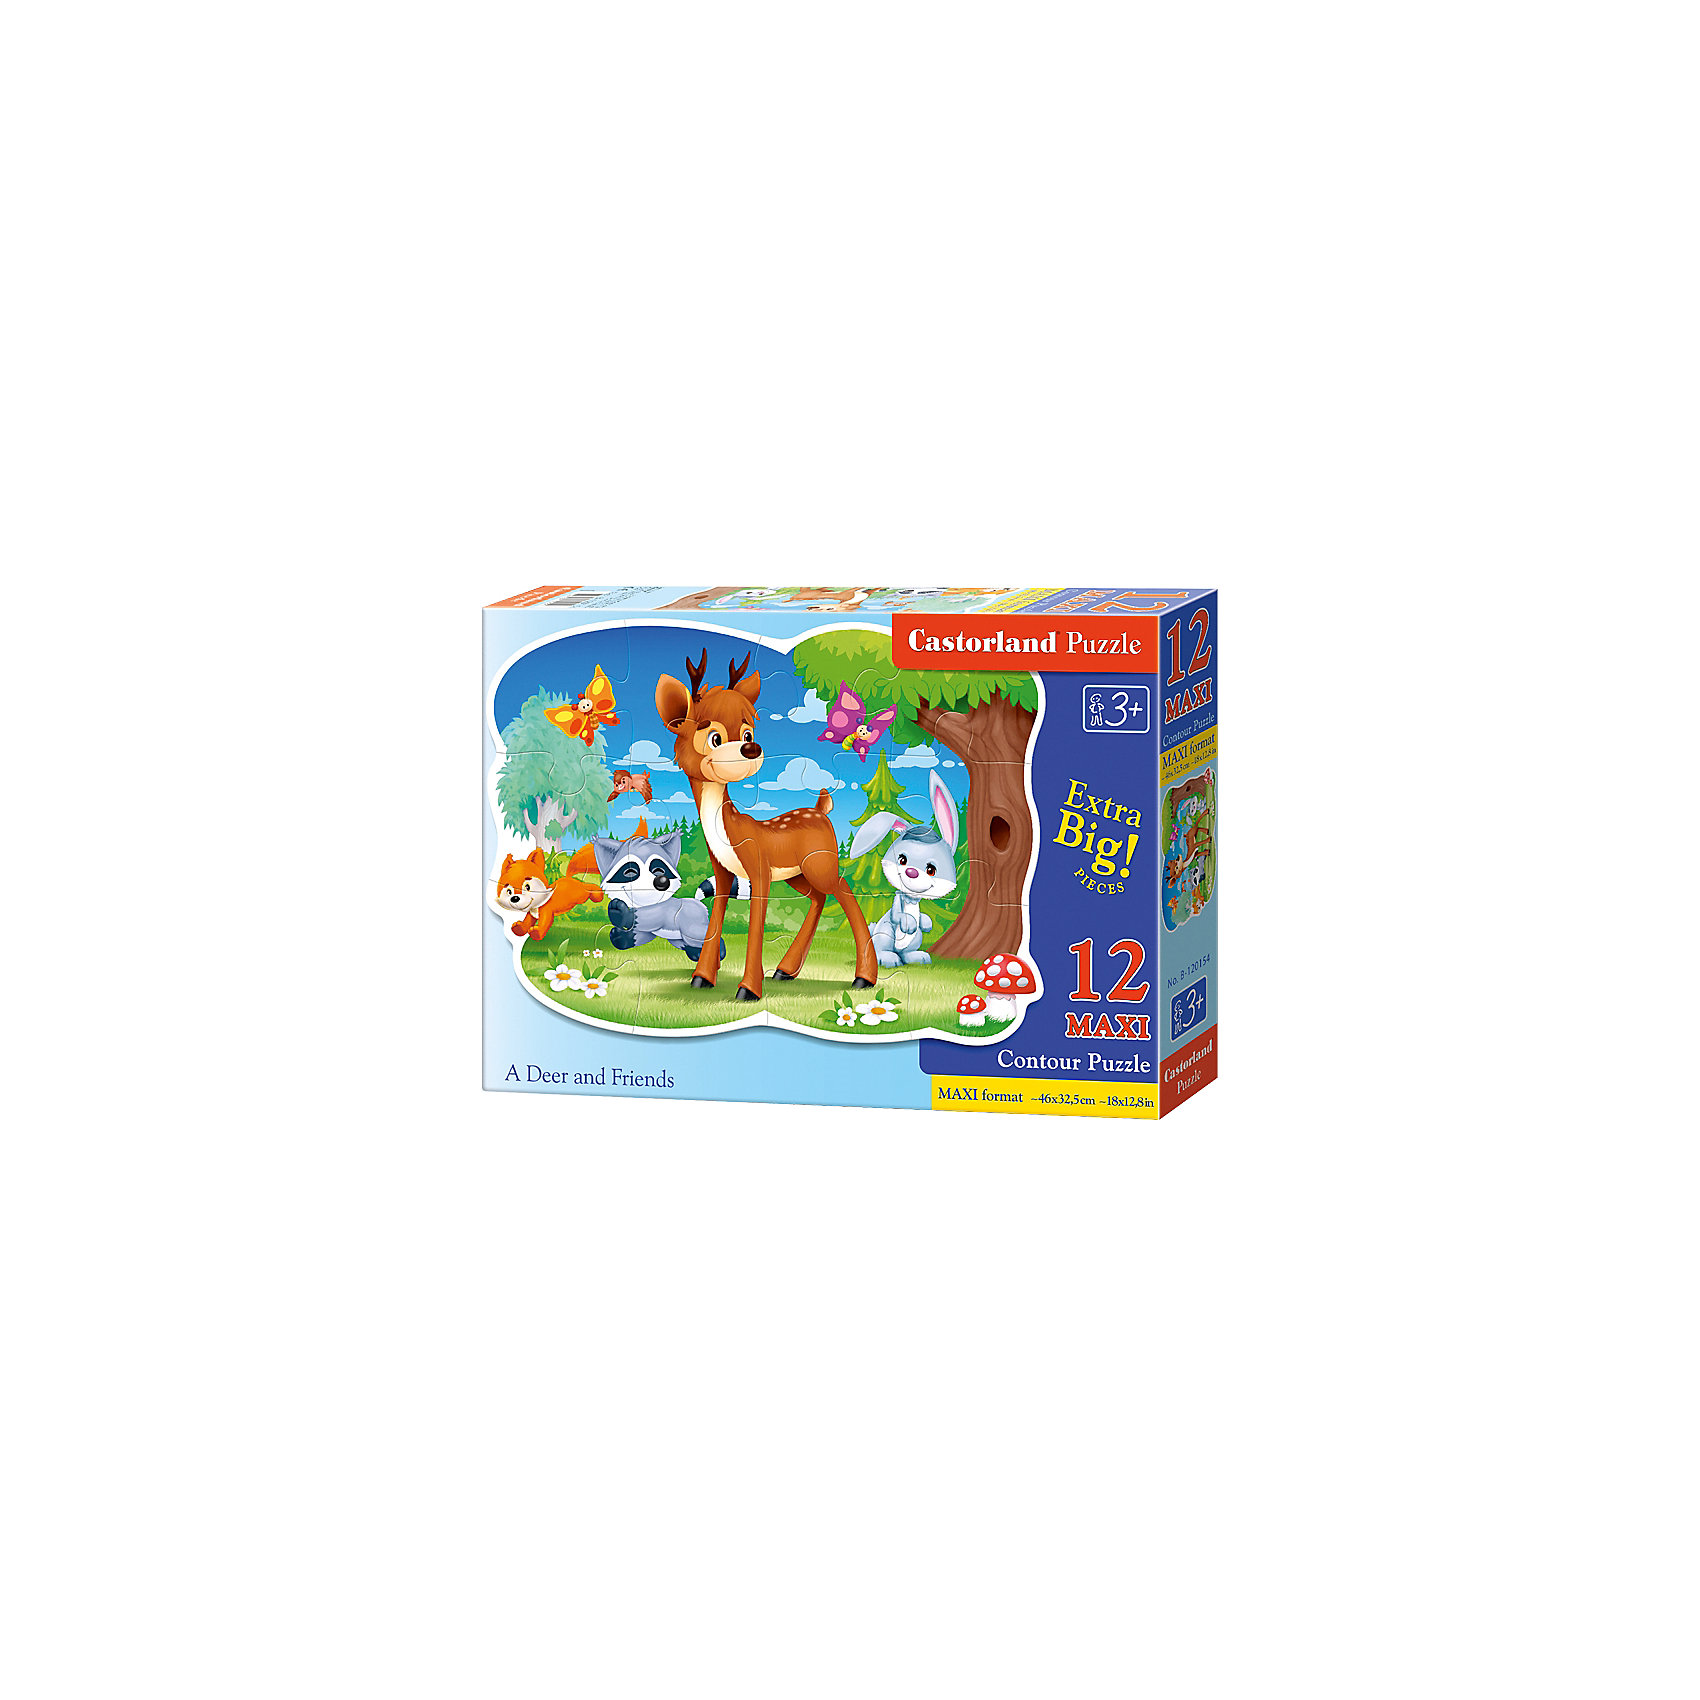 Макси-пазл Castorland Олень с друзьями, 12 деталейПазлы для малышей<br>Характеристики:<br><br>• возраст: от 3 лет<br>• количество деталей: 12 деталей MAXI<br>• размер собранного пазла: 45х32,5 см.<br>• материал: картон<br>• упаковка: картонная коробка<br>• размер упаковки: 32x4,7x22 см.<br>• вес: 400 гр.<br>• страна обладатель бренда: Польша<br><br>Из 12 больших элементов пазла ребенок соберет красочную картинку с изображением олененка, который играет на лесной полянке со своими друзьями. Благодаря фигурной форме картинки, процесс сбора элементов в одно изображение будет увлекательным и интересным.<br><br>Пазл Олень с друзьями, 12 деталей MAXI, Castorland (Касторленд) можно купить в нашем интернет-магазине.<br><br>Ширина мм: 320<br>Глубина мм: 220<br>Высота мм: 47<br>Вес г: 400<br>Возраст от месяцев: 36<br>Возраст до месяцев: 2147483647<br>Пол: Унисекс<br>Возраст: Детский<br>SKU: 6725120